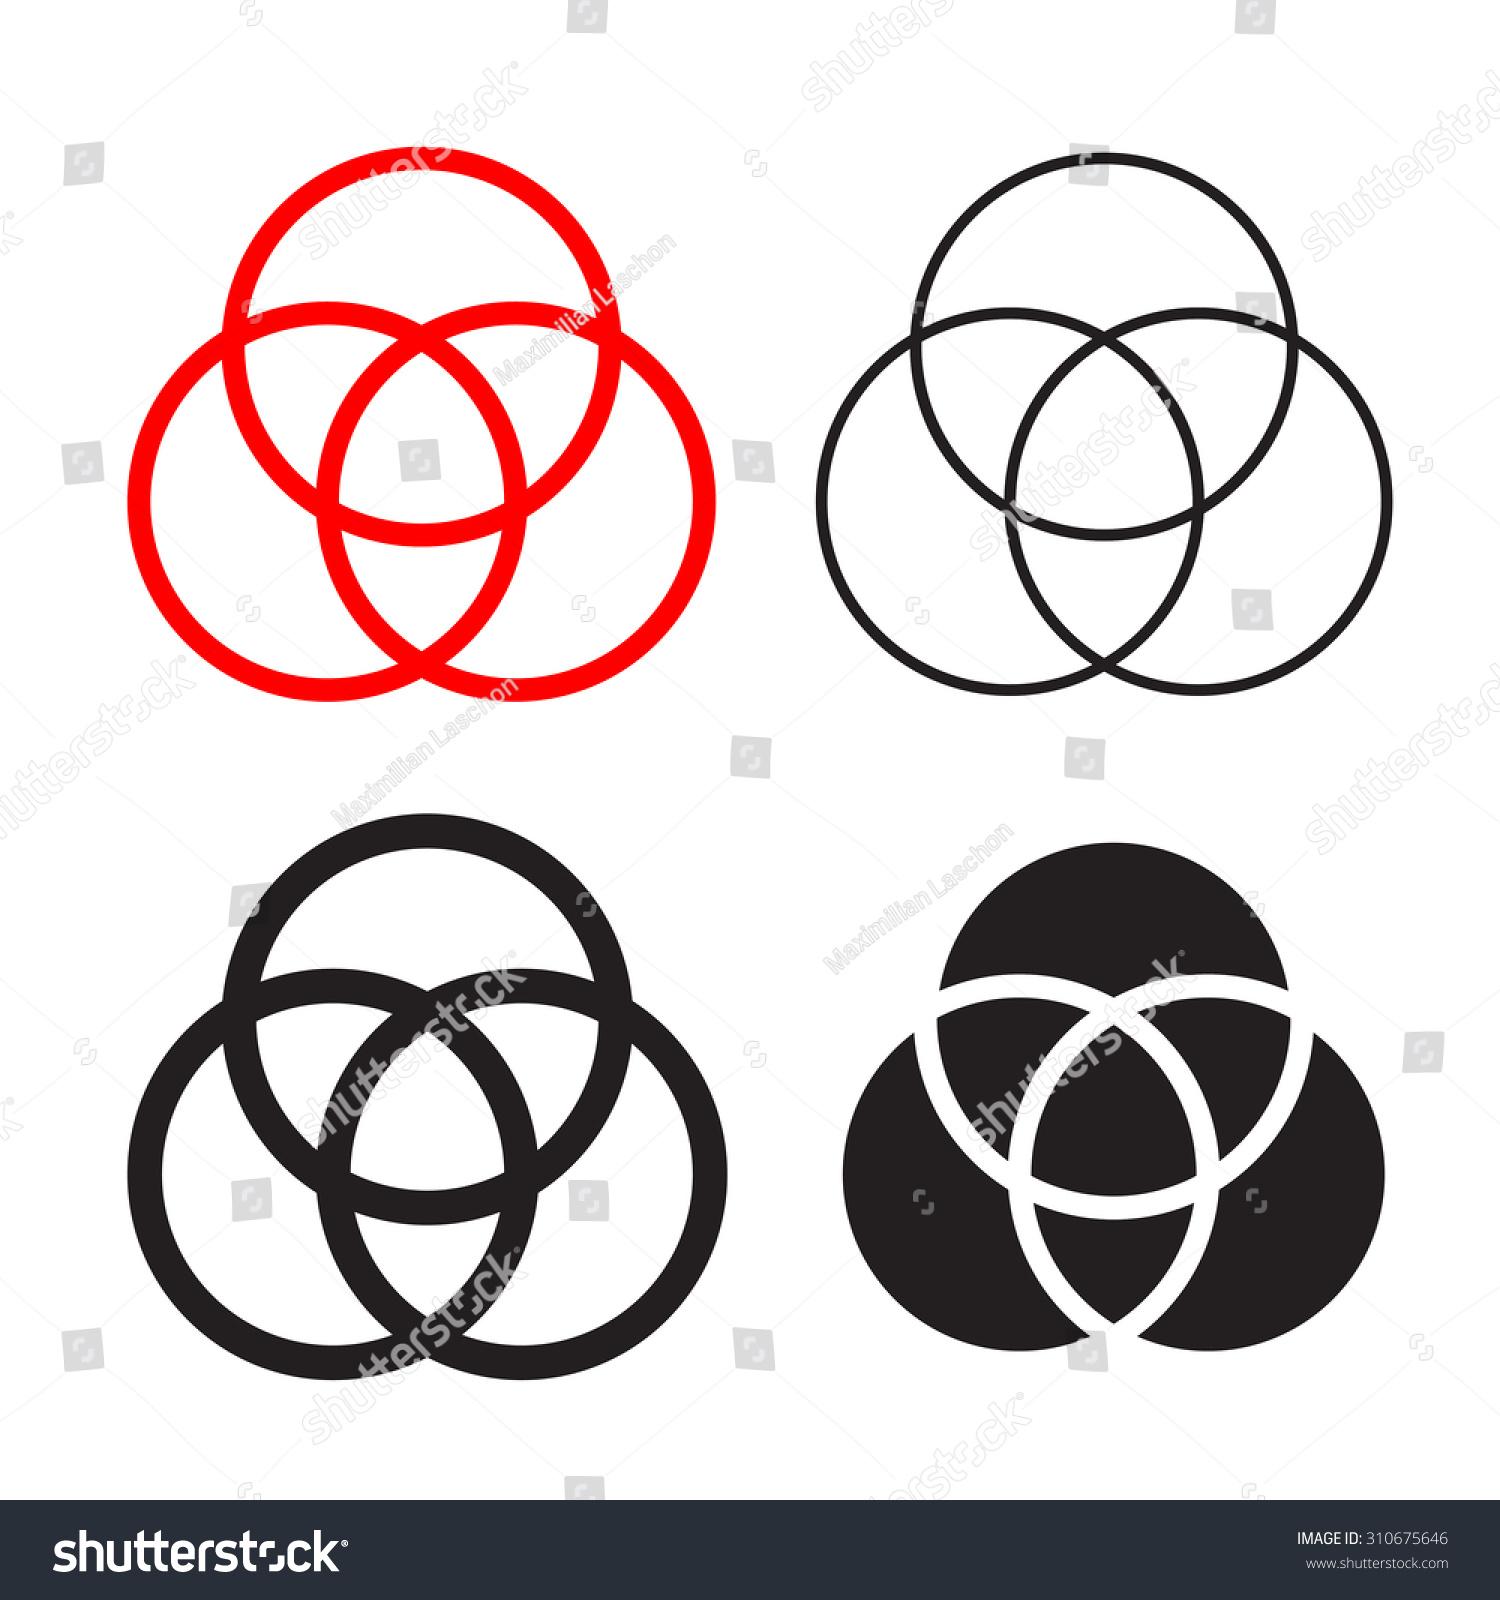 Catholic Holy Trinity Symbols Stock Illustration 310675646